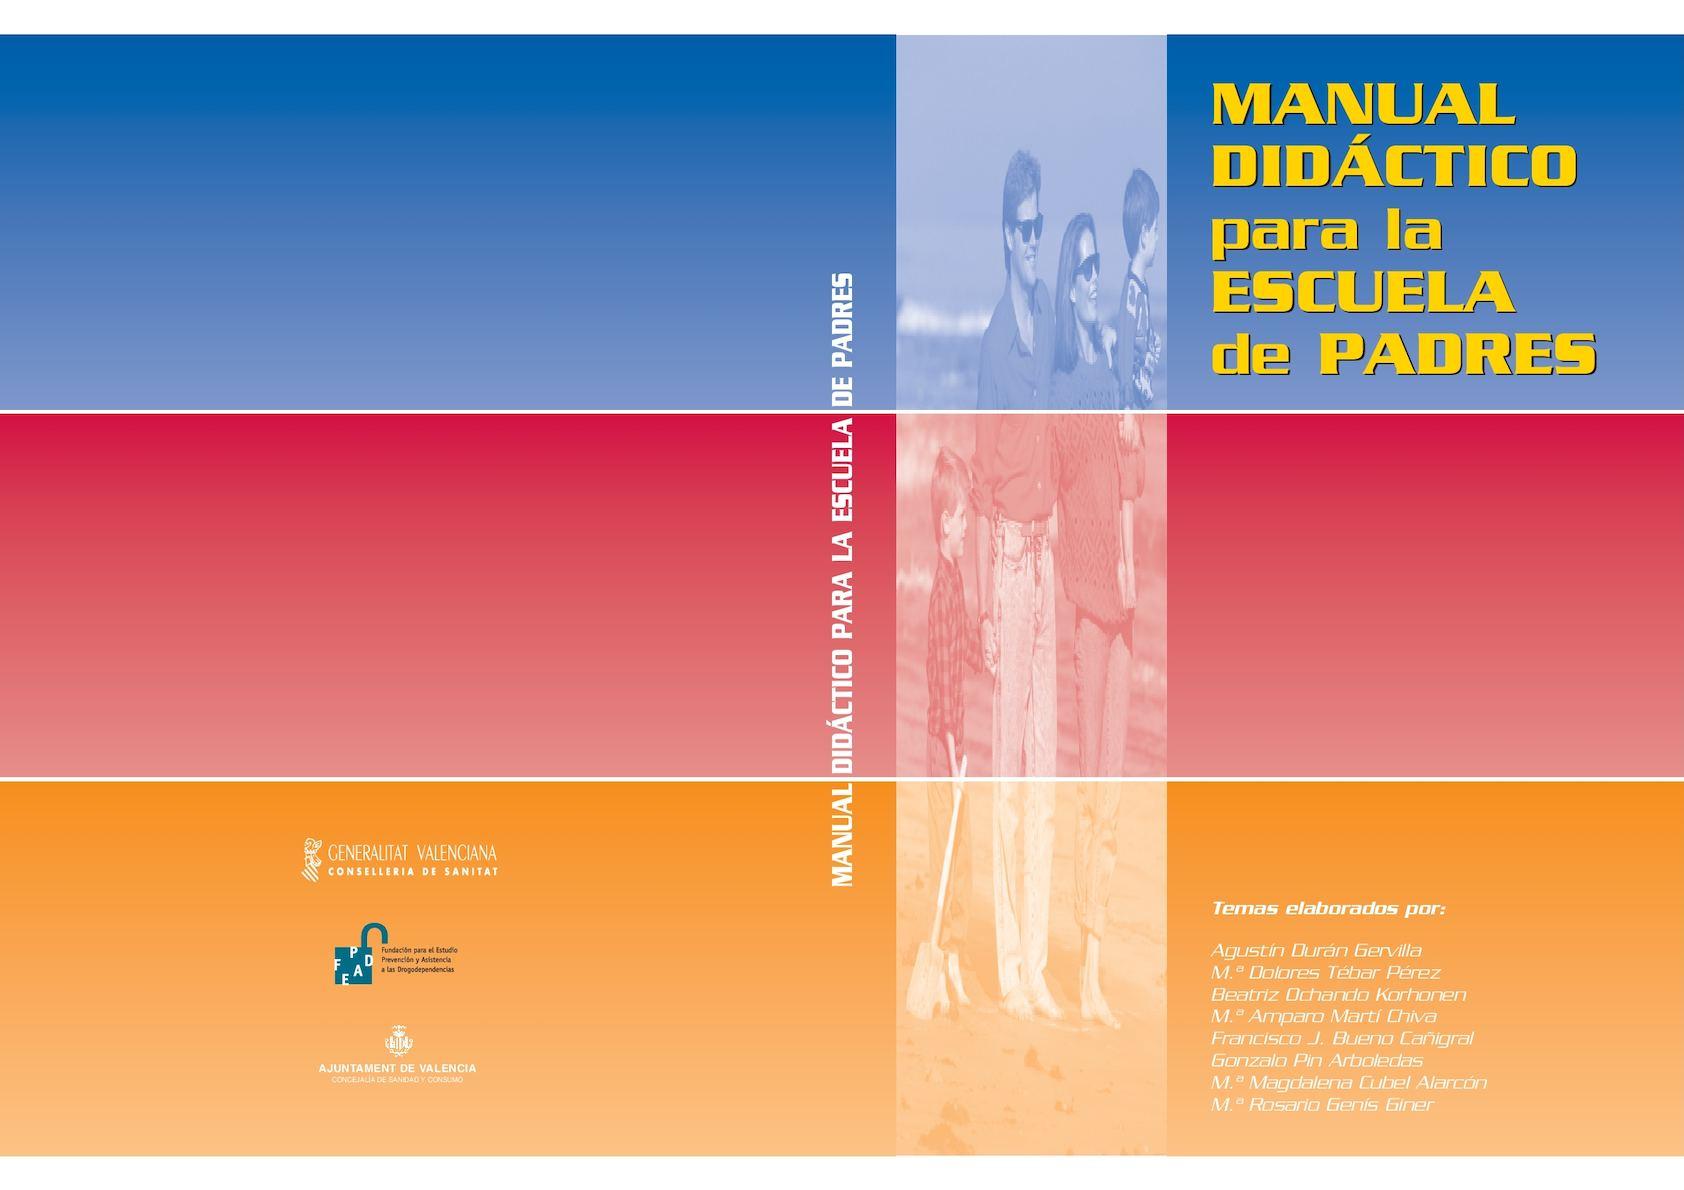 Calaméo - Escuela Padres 52fae39416a25